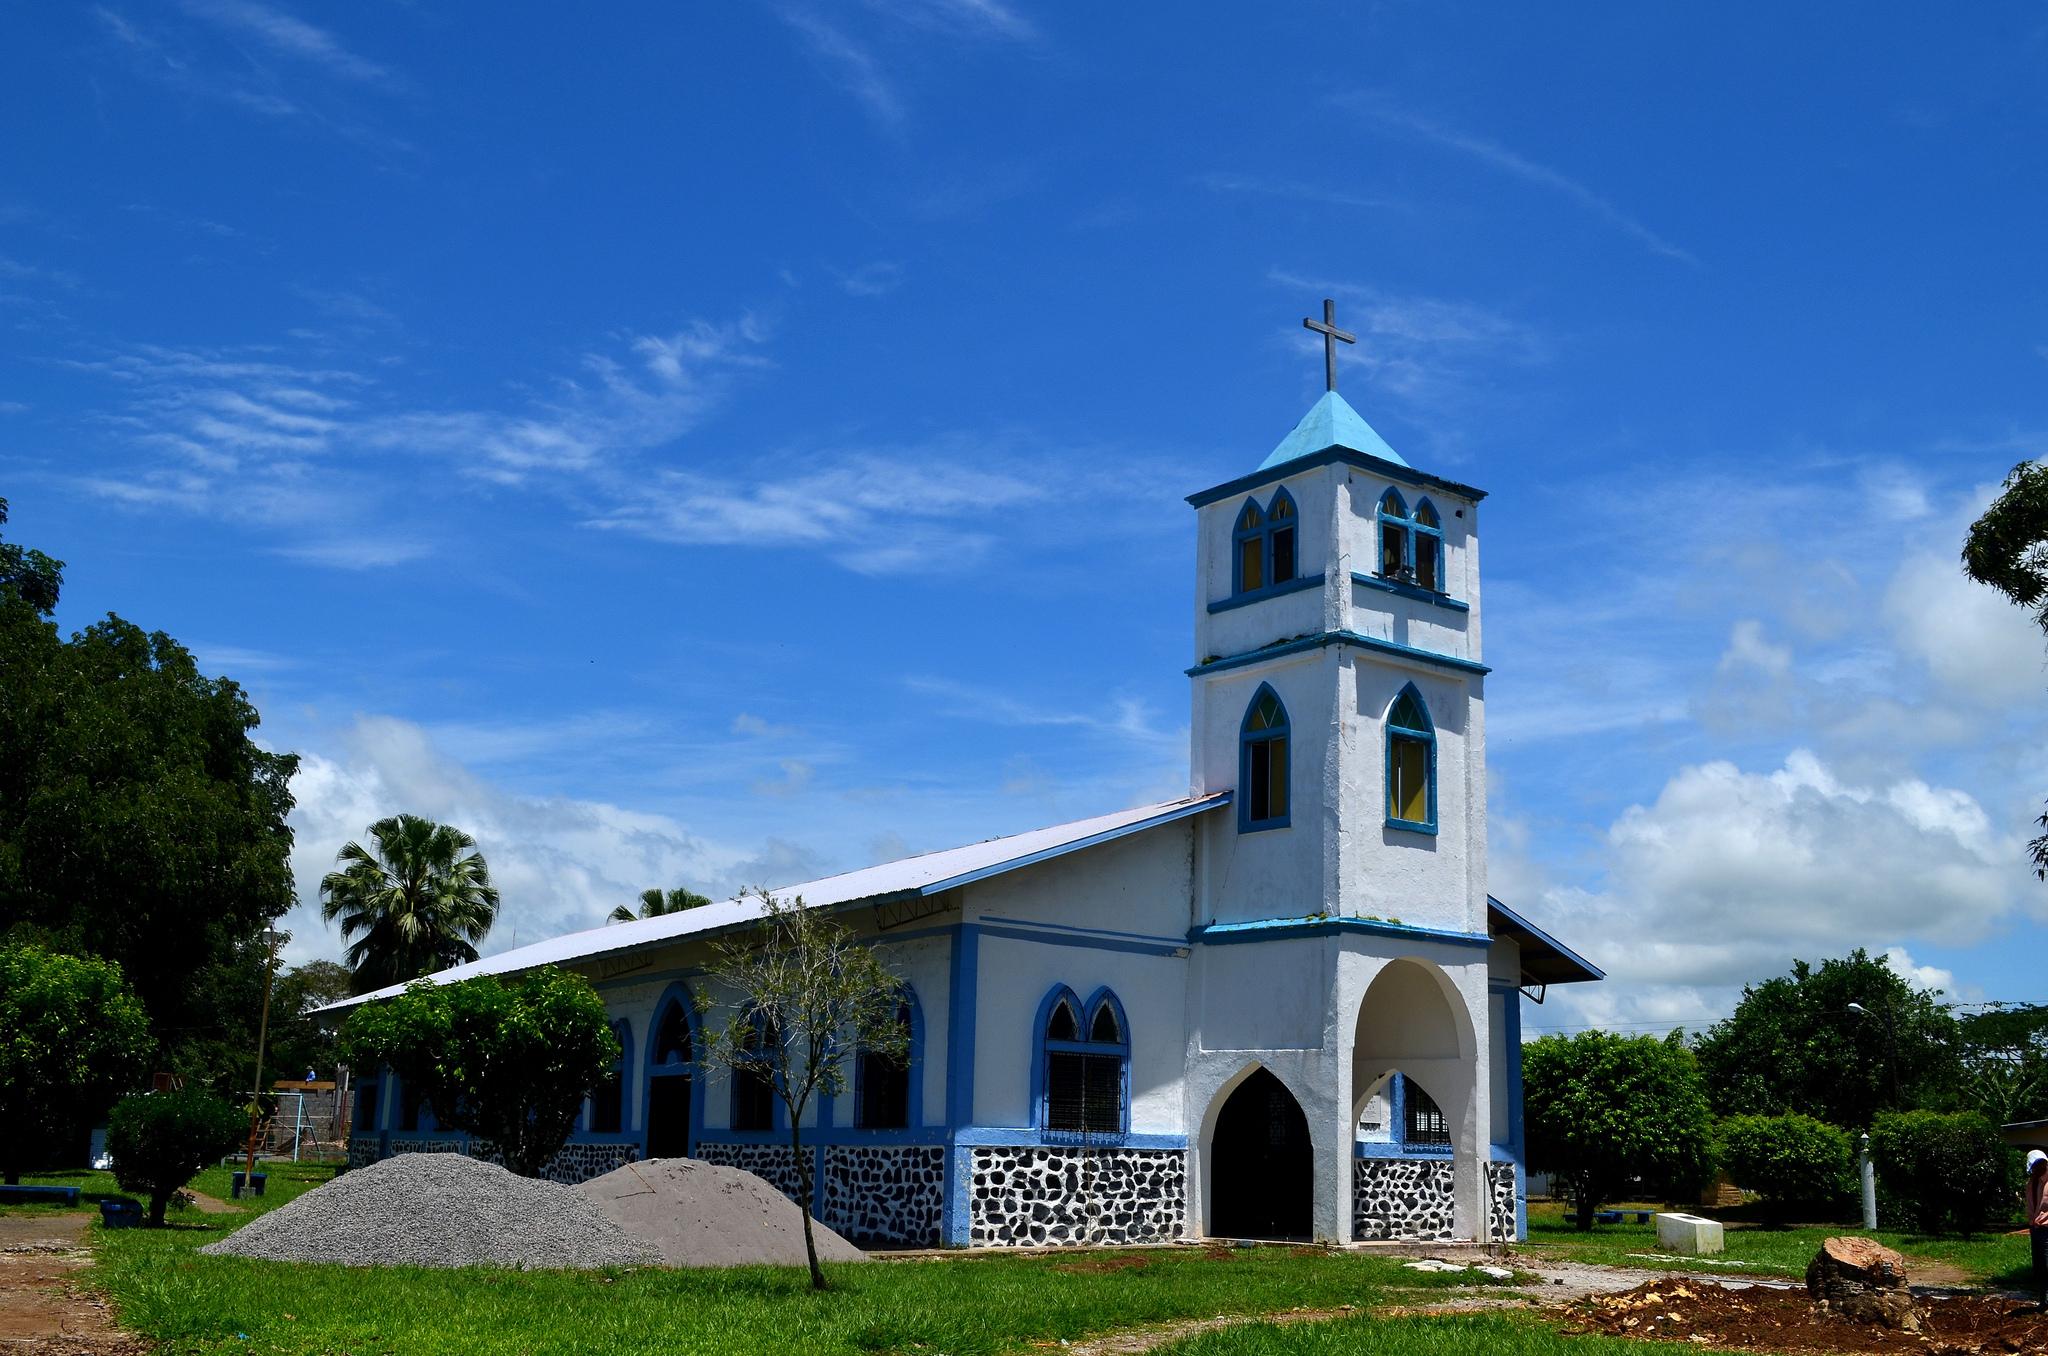 Iglesia Catolica Ministerio De Lectores